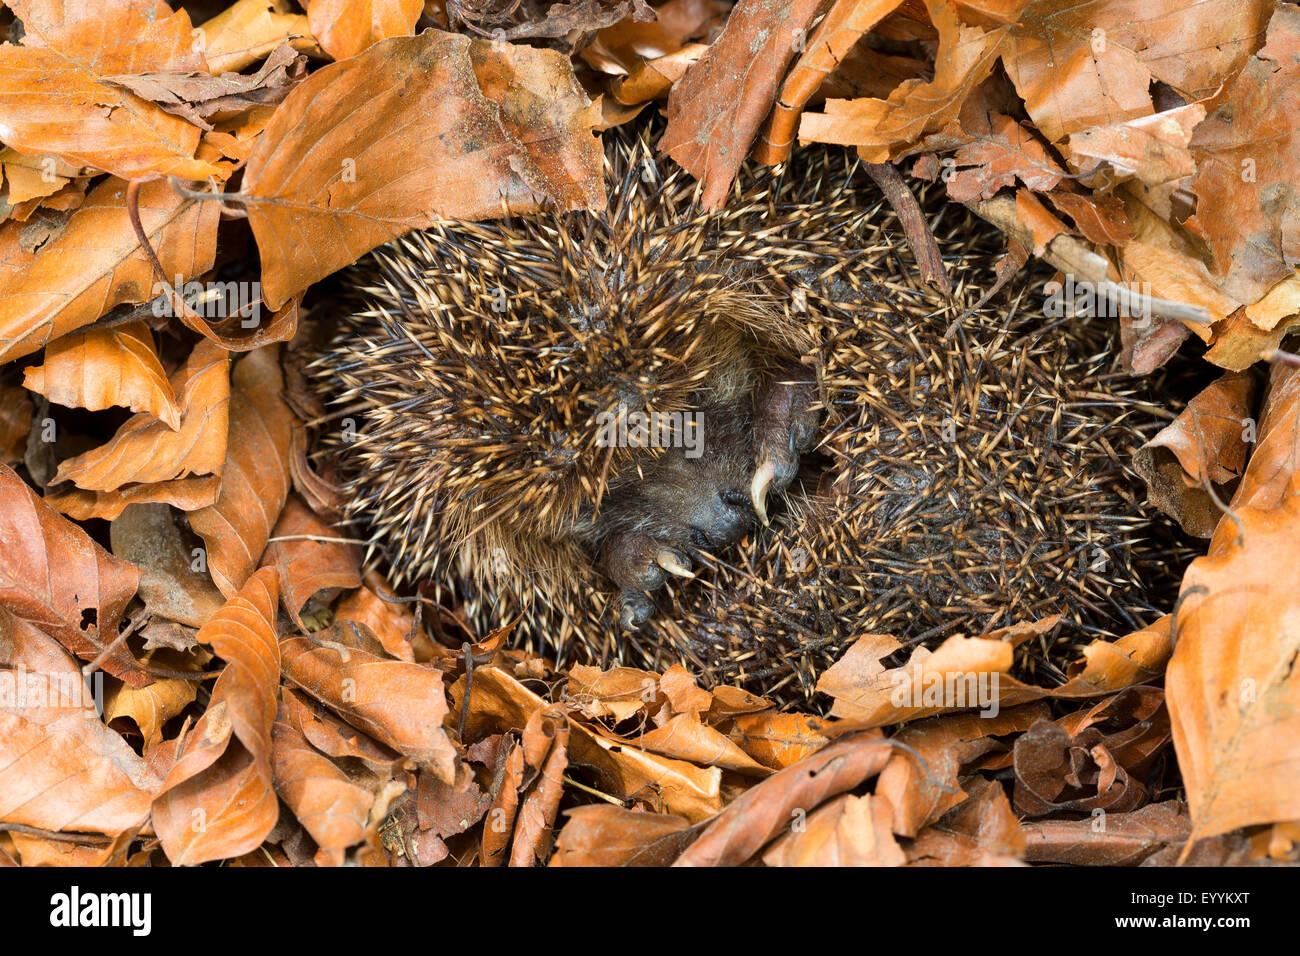 Western hedgehog, European hedgehog (Erinaceus europaeus), overwintering in leaf litter, Germany - Stock Image